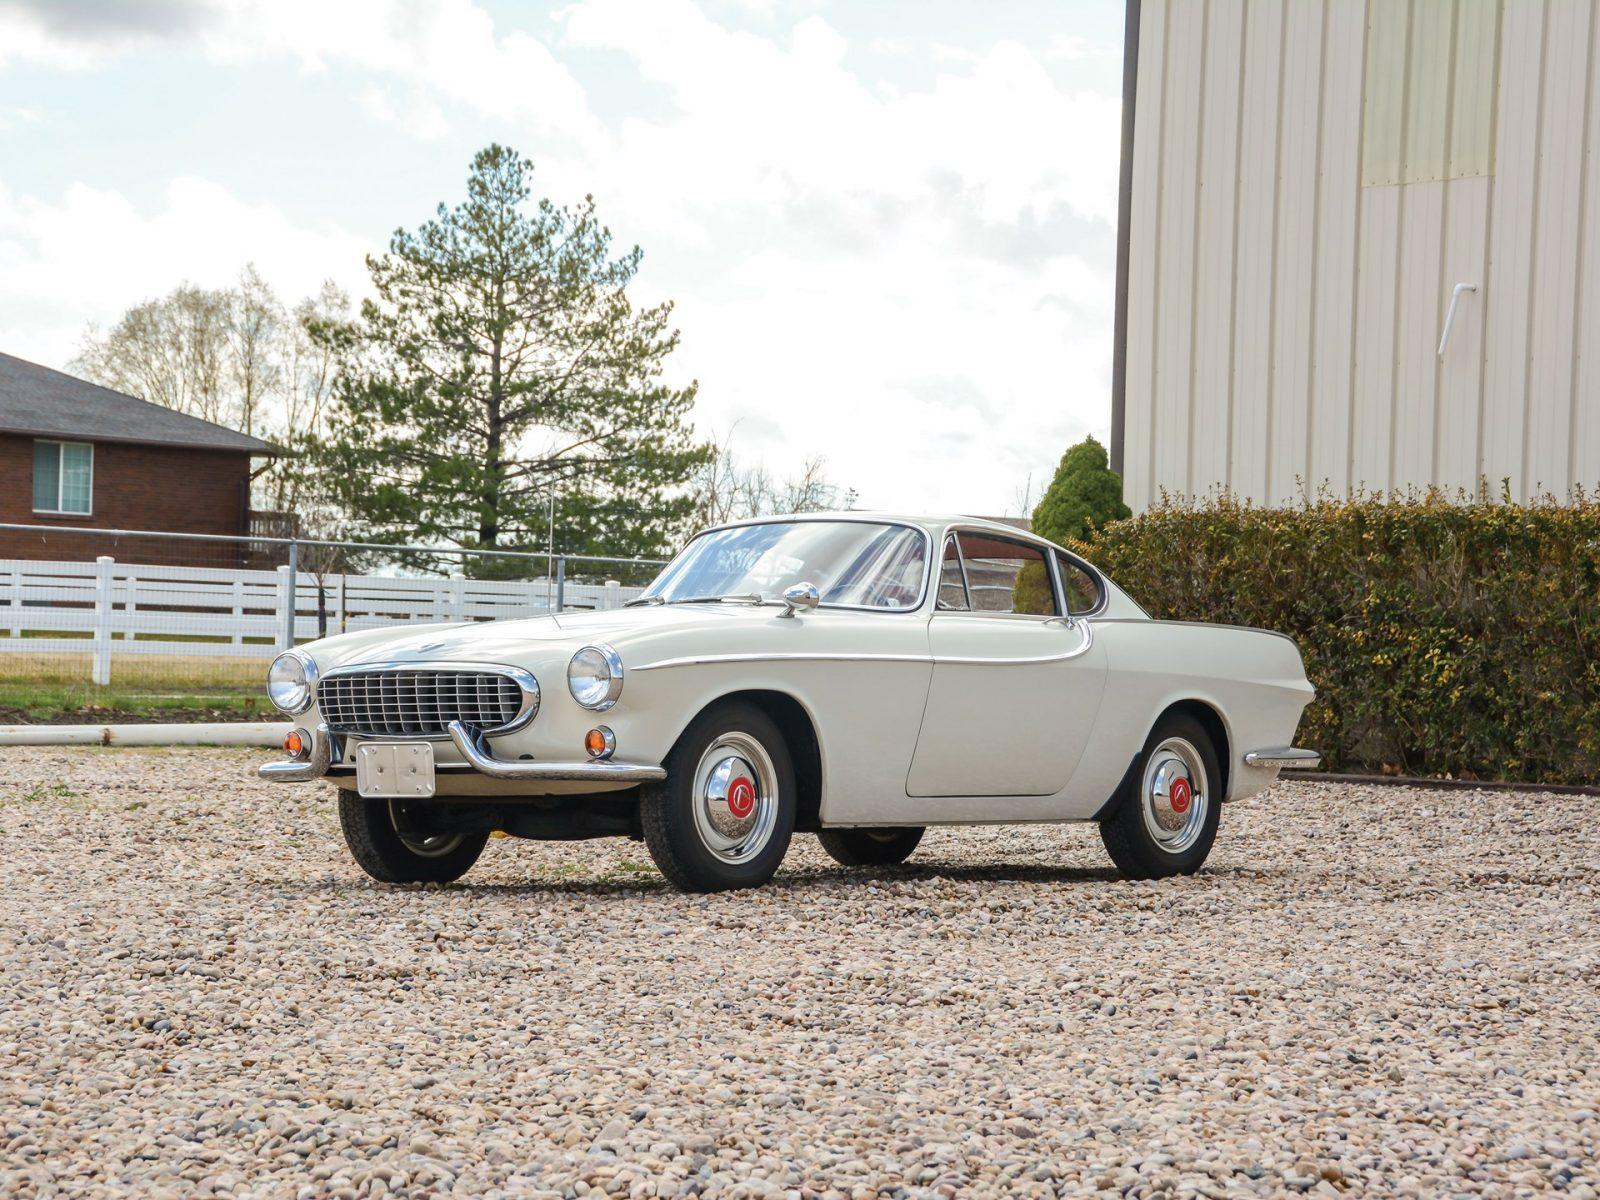 27 juin 1973 – Volvo met fin à la production de la P1800